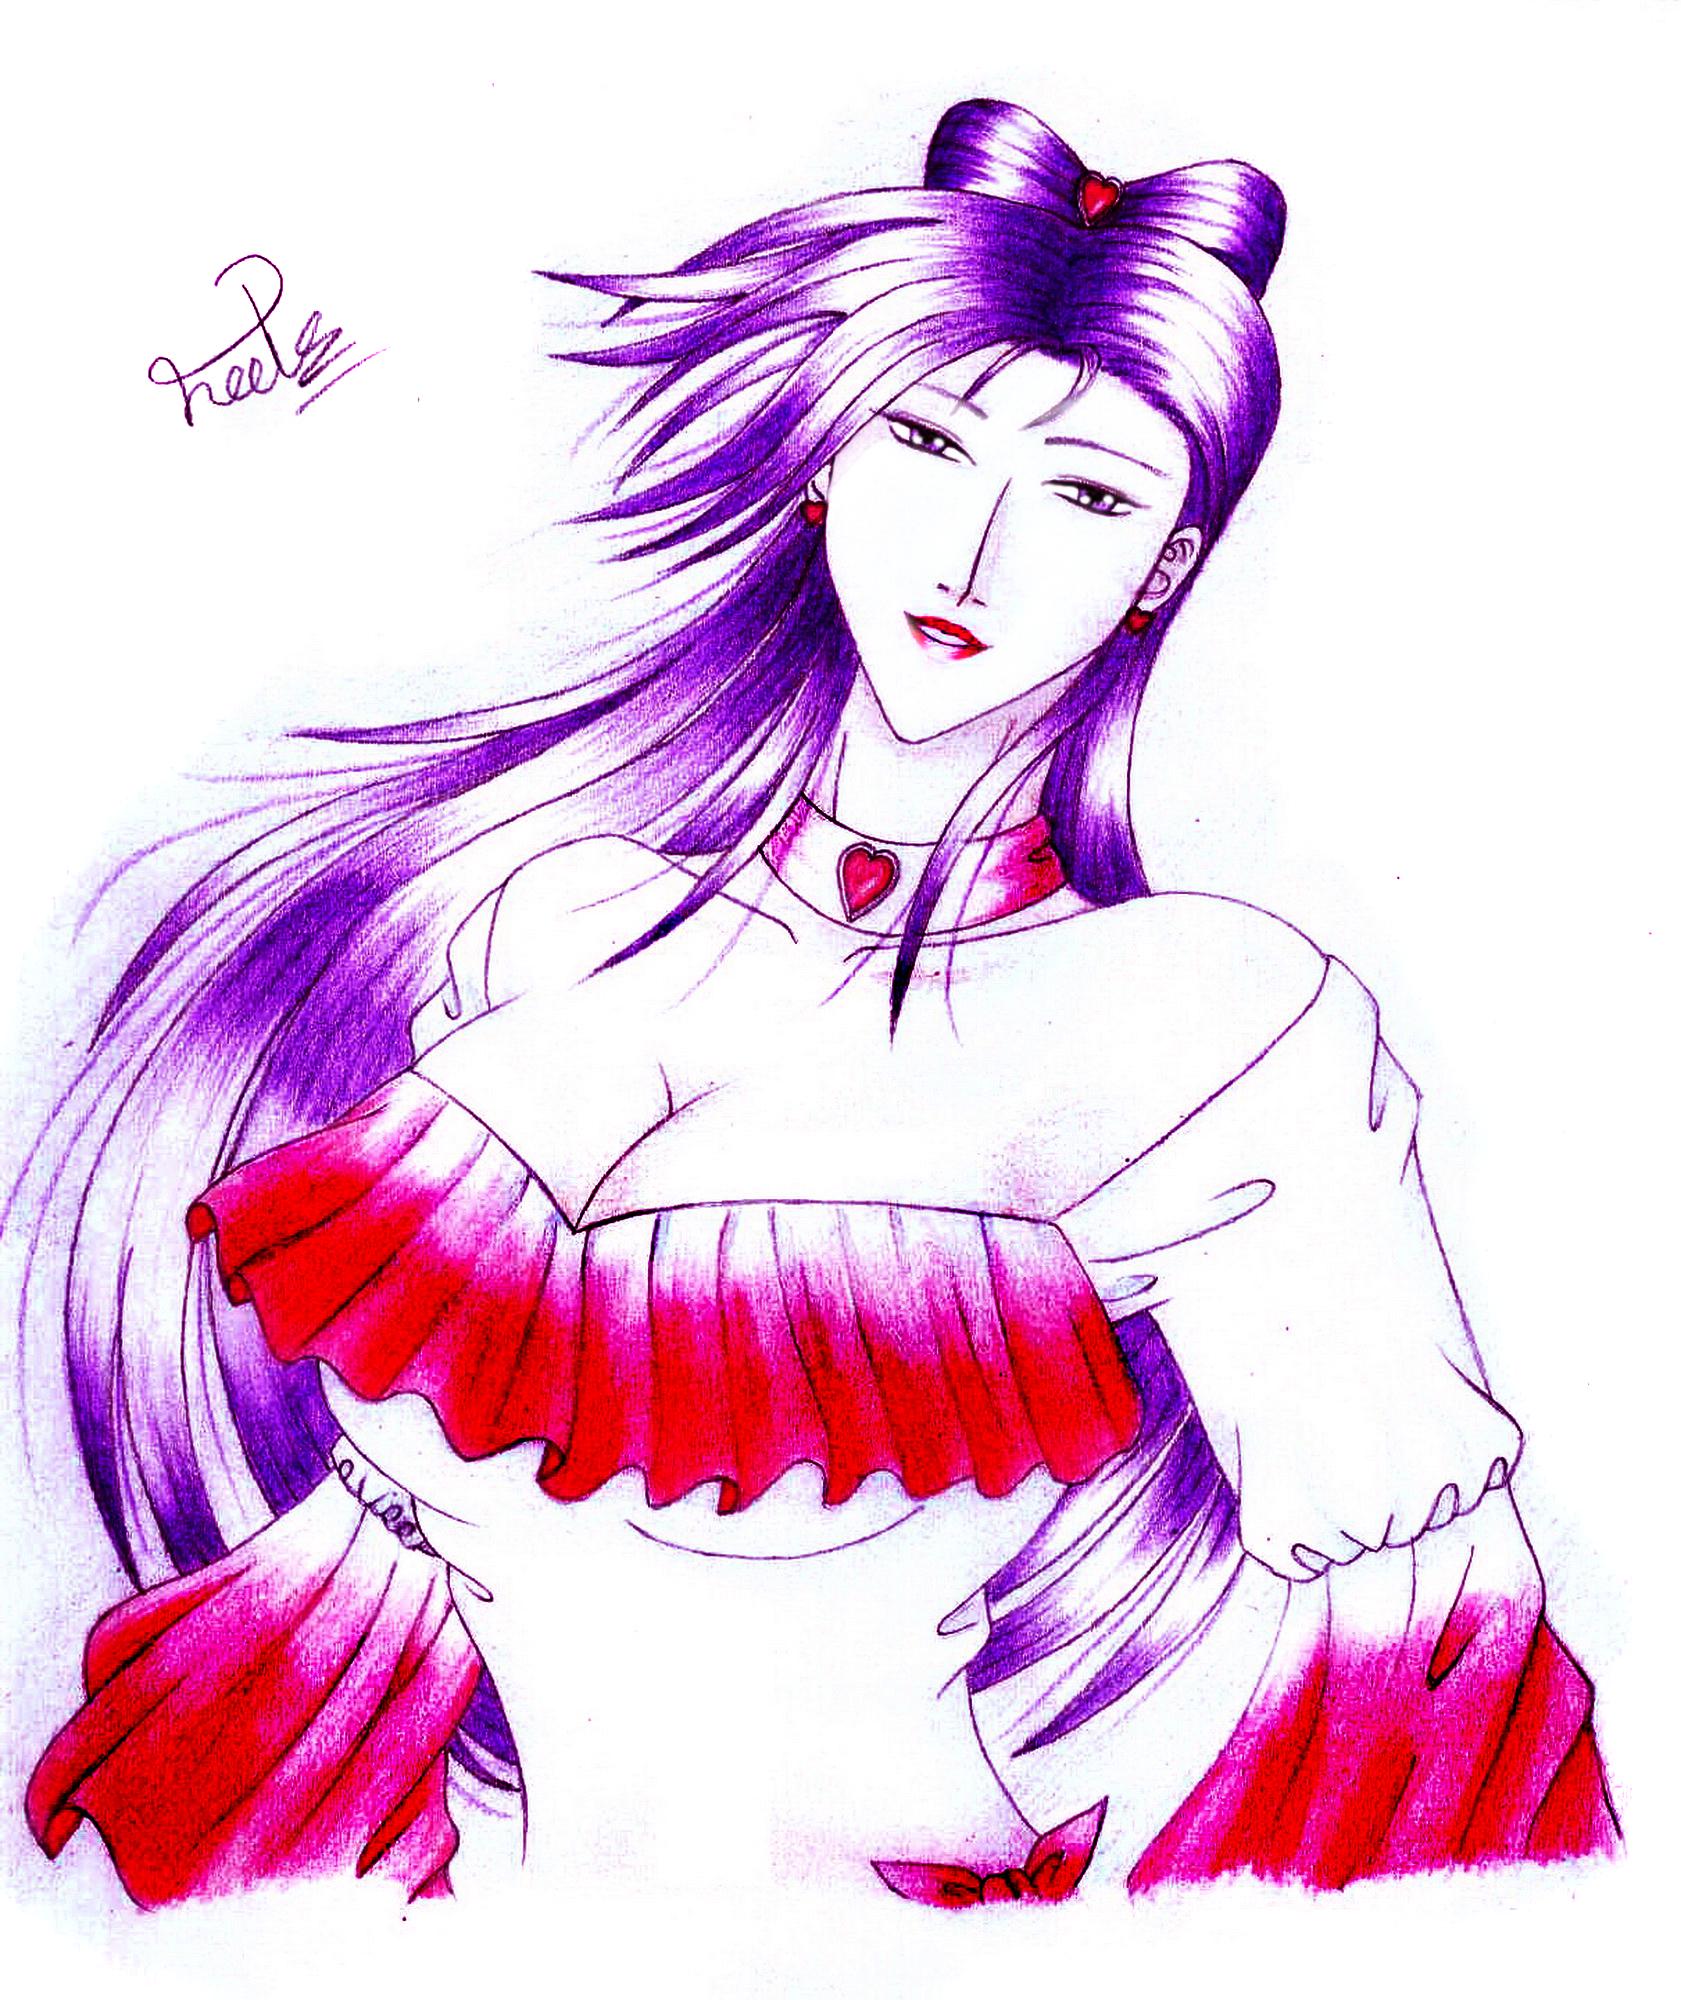 Heart Thief by Shin--chan